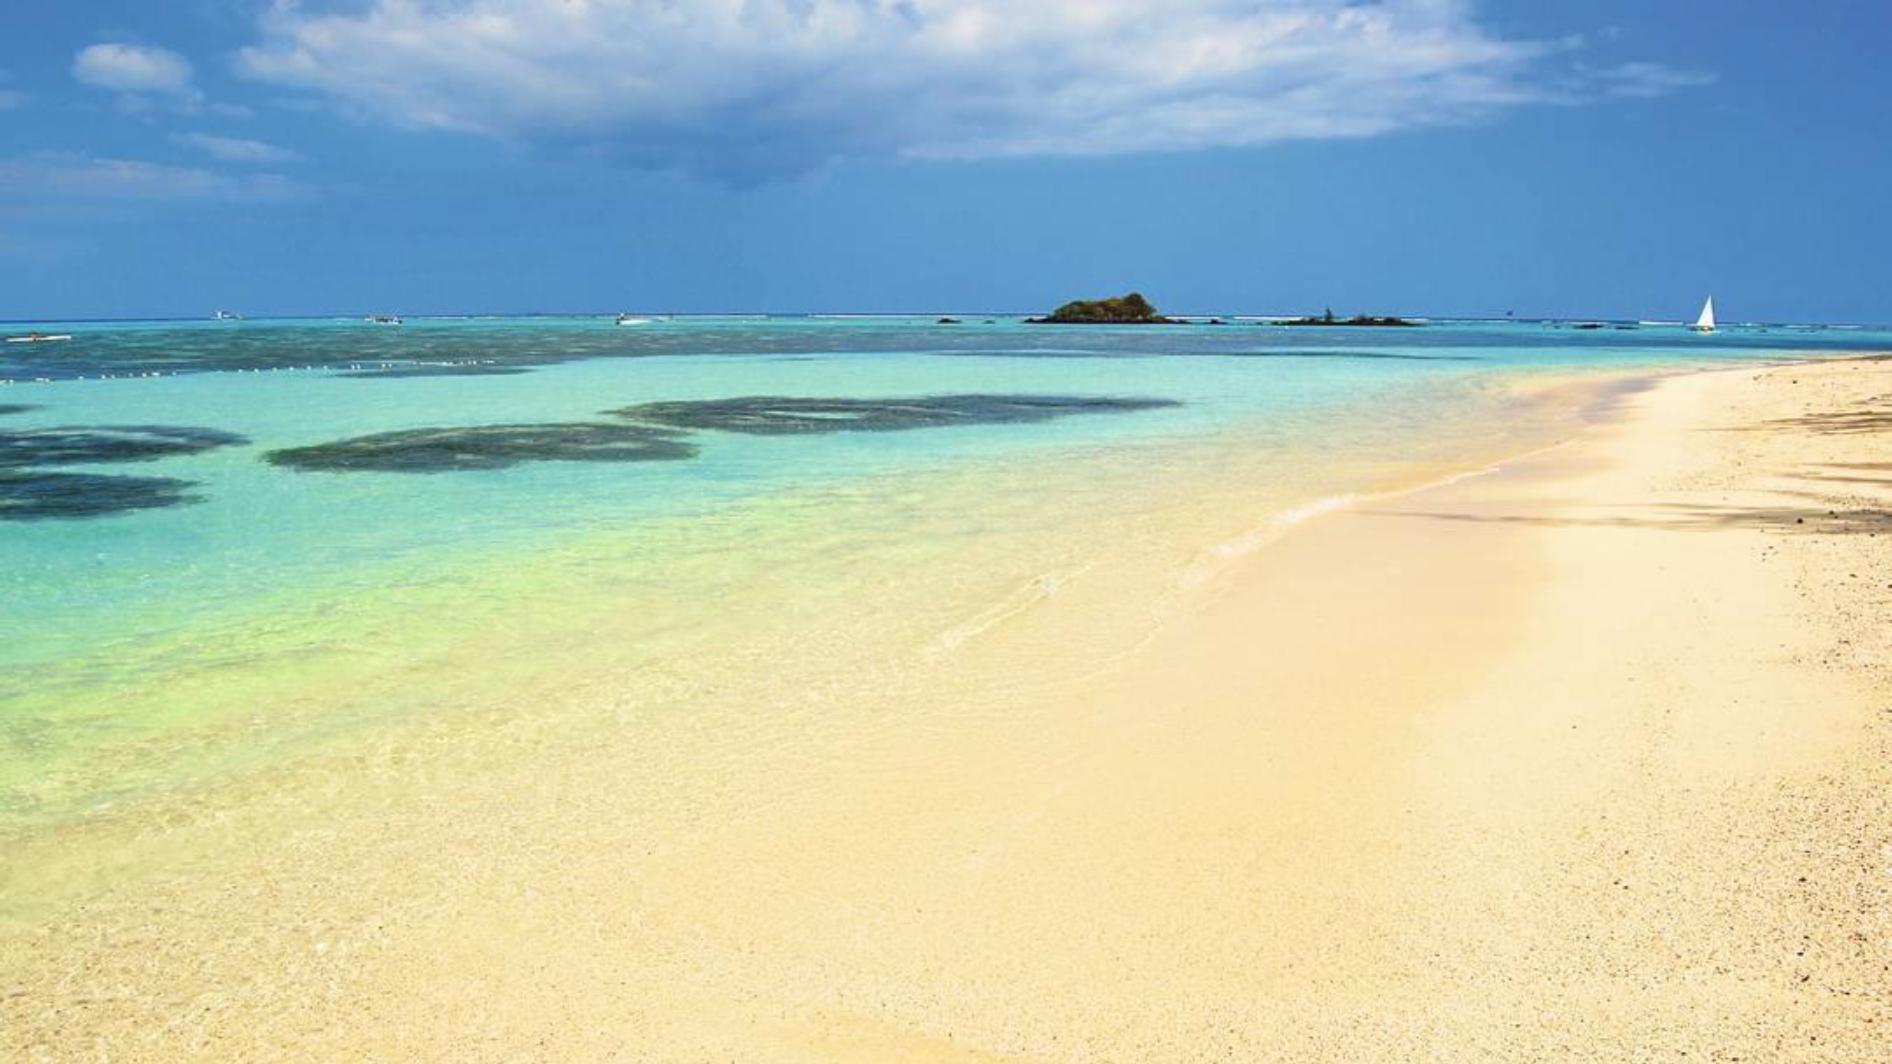 specialdesignad resa till Mauritius